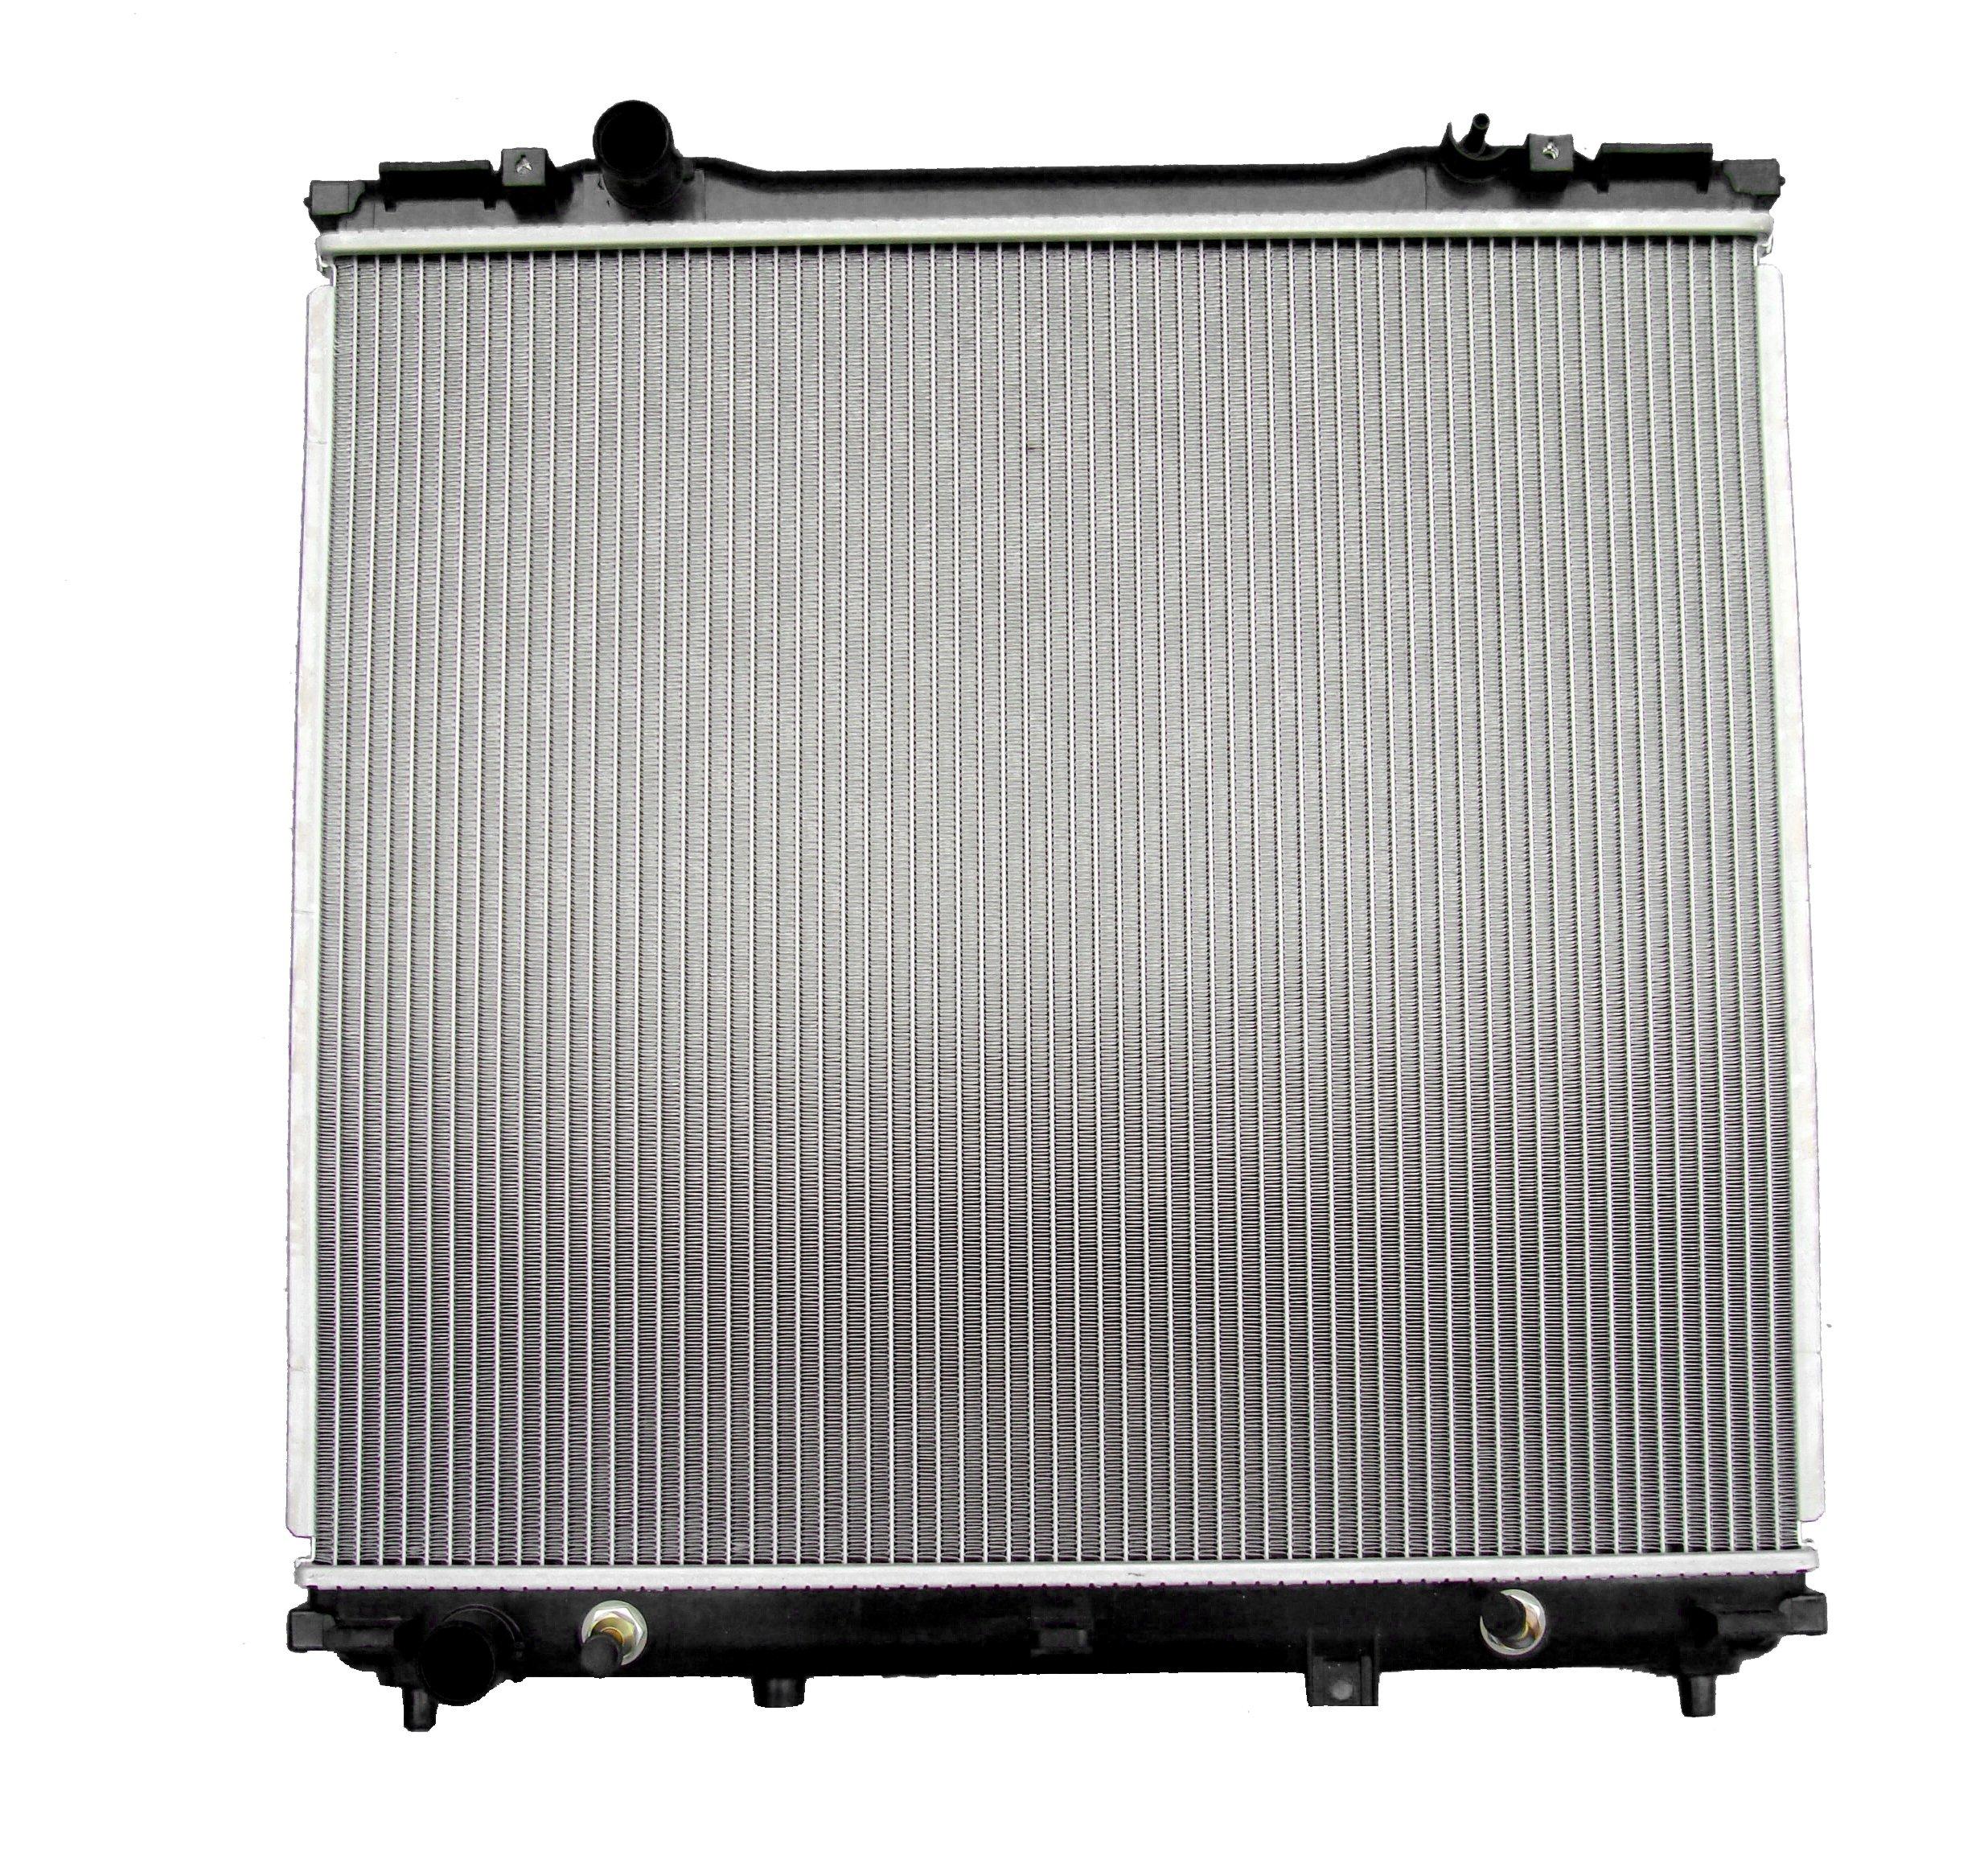 SCITOO Radiator 2585 for 2003-2006 Kia Sorento LX/EX 3.5L by Scitoo